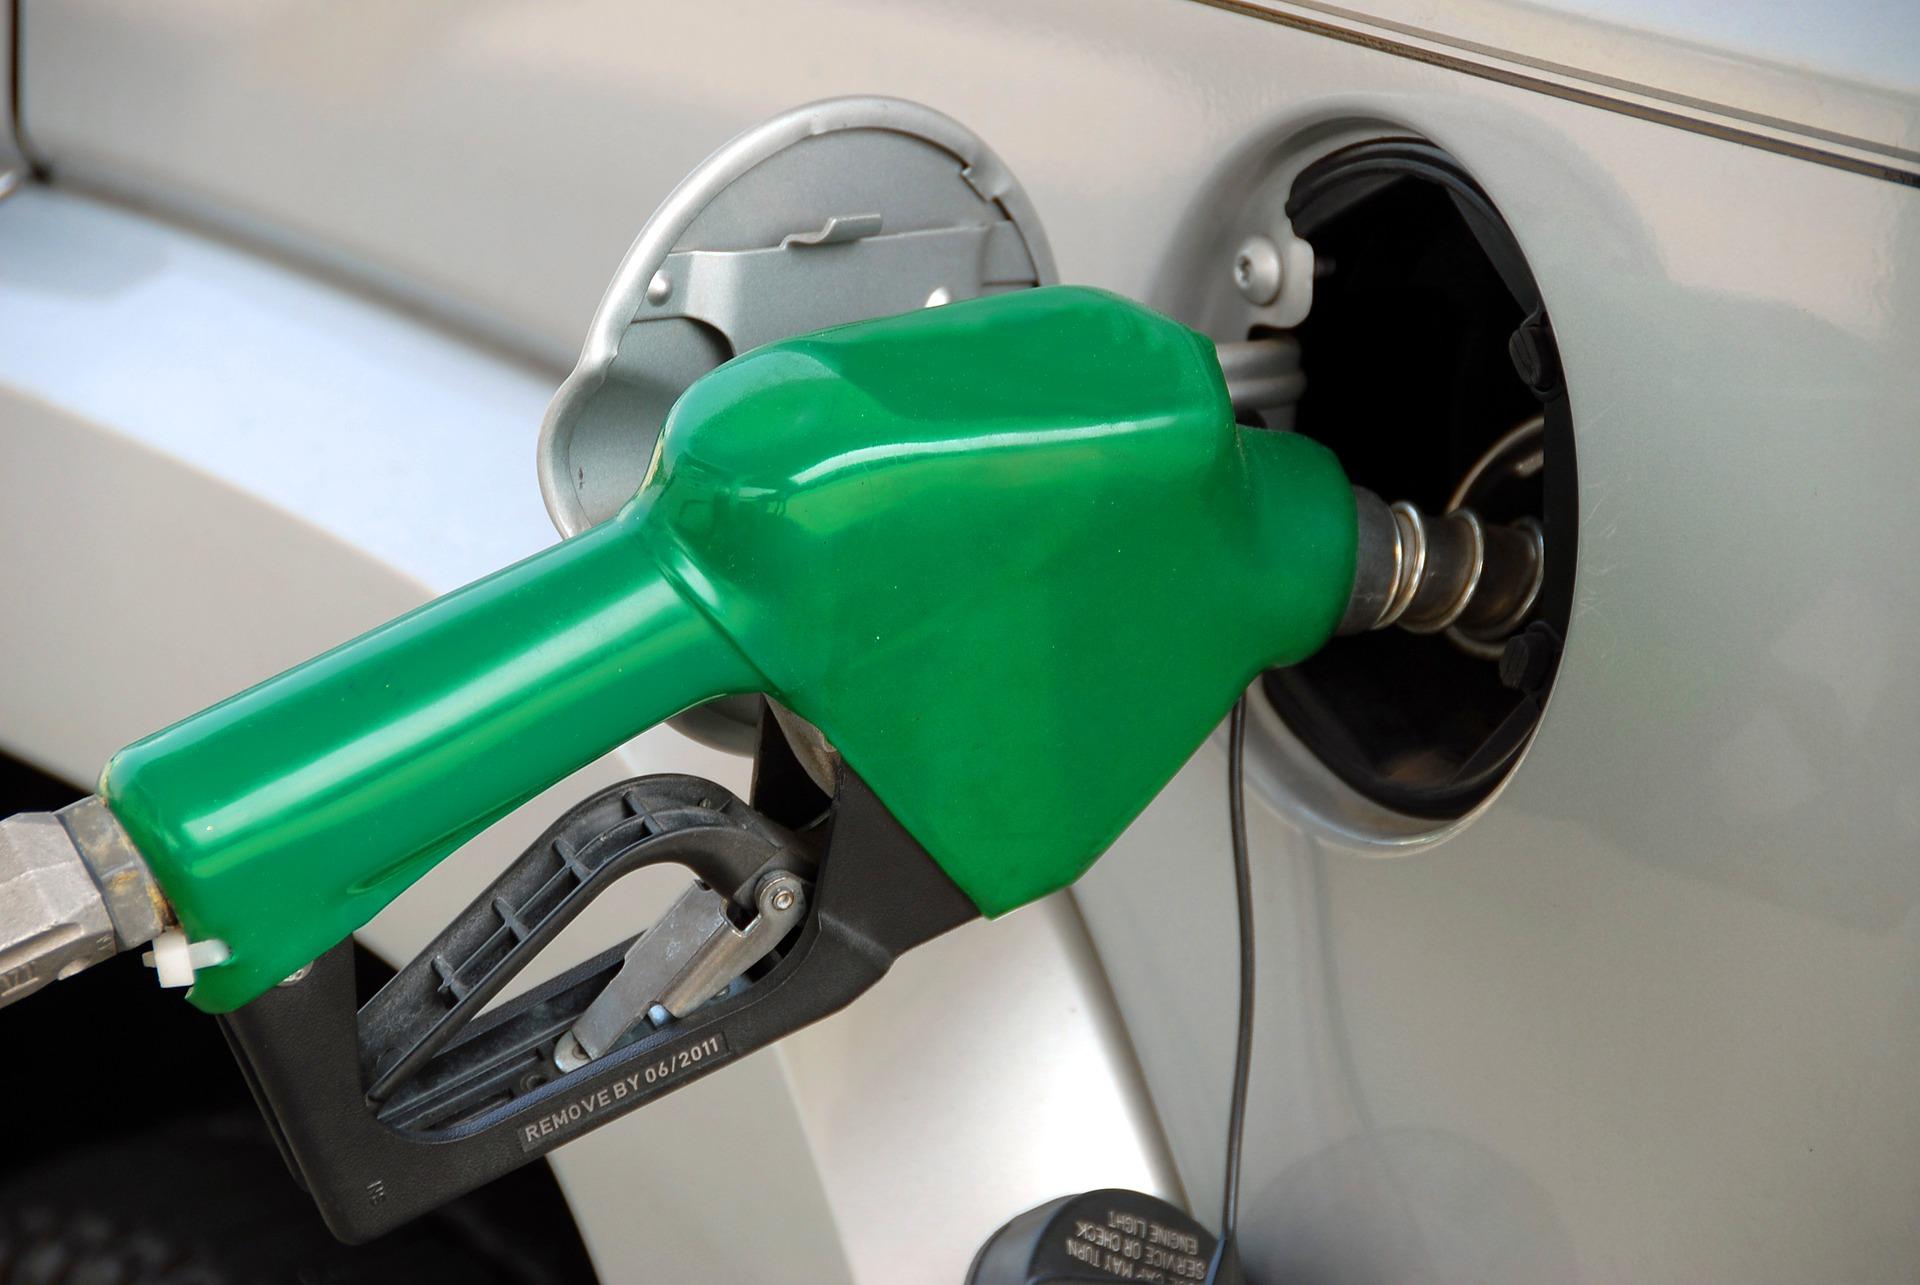 Liberalización no bajará precios de gasolinas